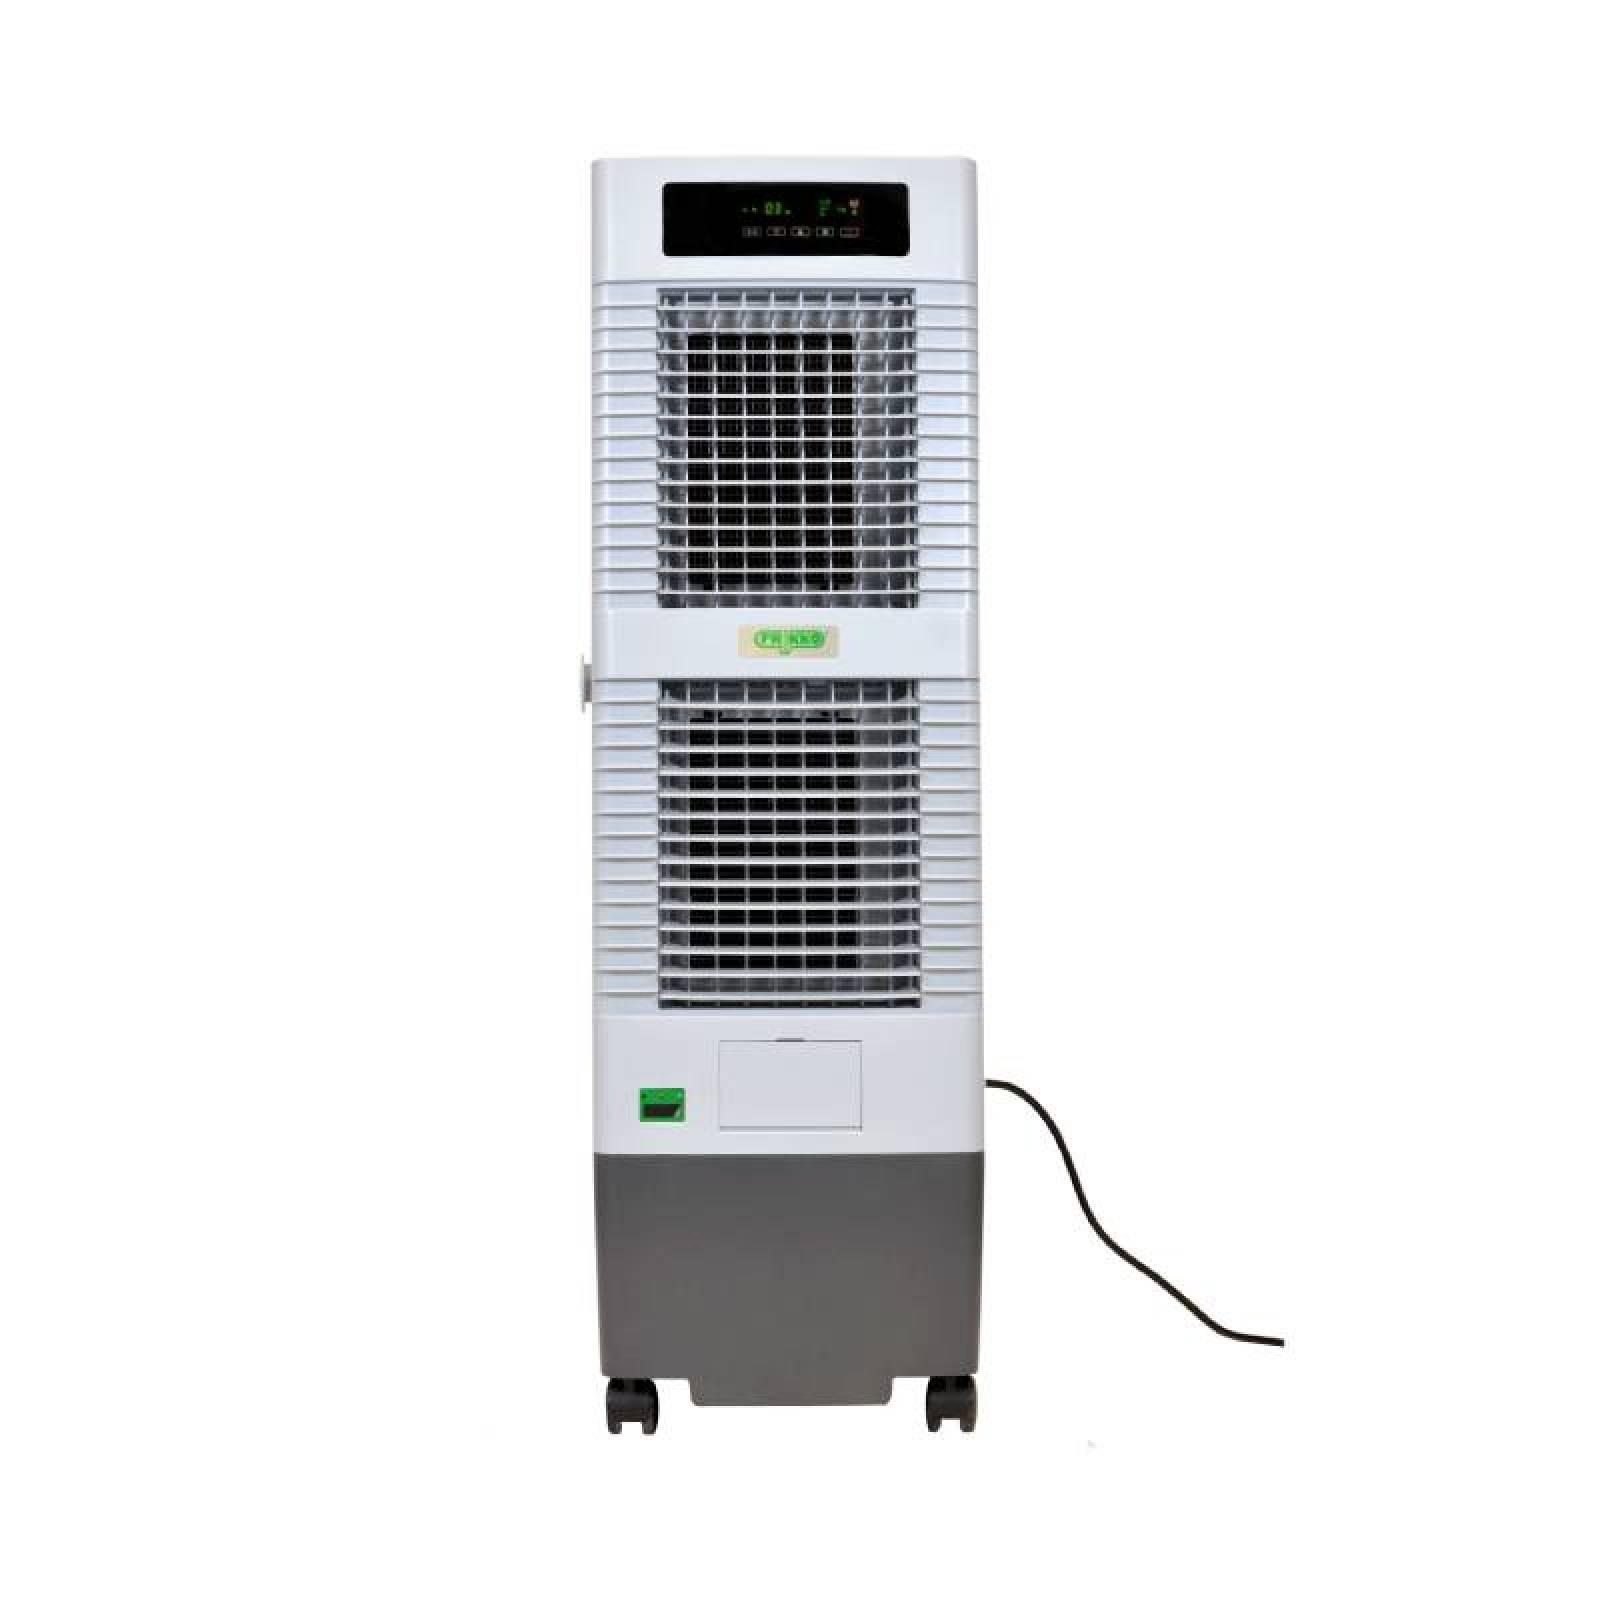 Enfriador Evaporativo 30 Litros Potatil Residencial Frikko